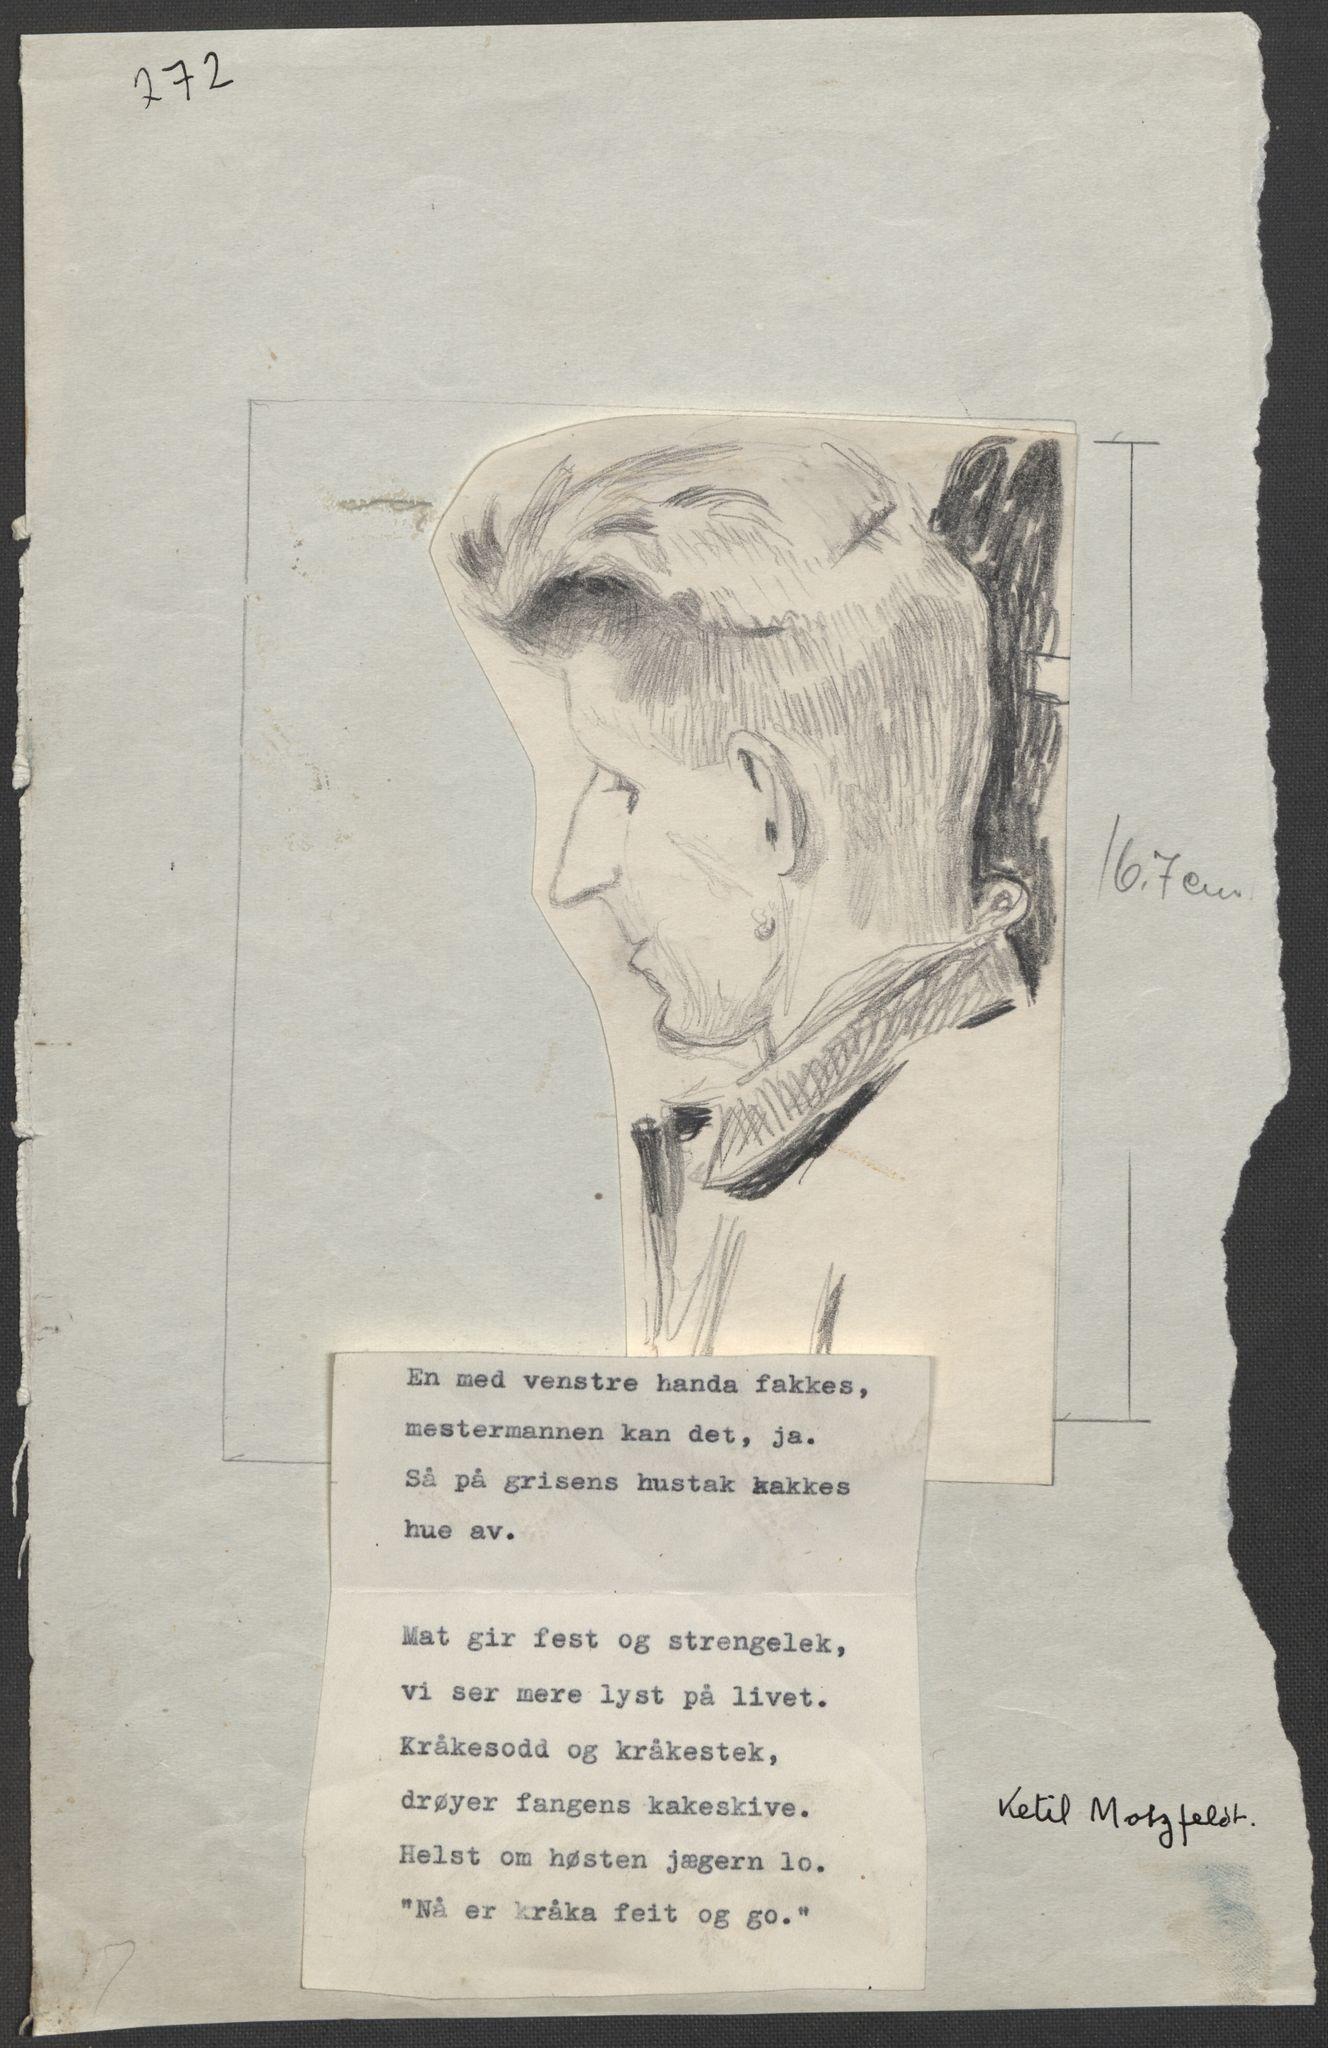 RA, Grøgaard, Joachim, F/L0002: Tegninger og tekster, 1942-1945, s. 23